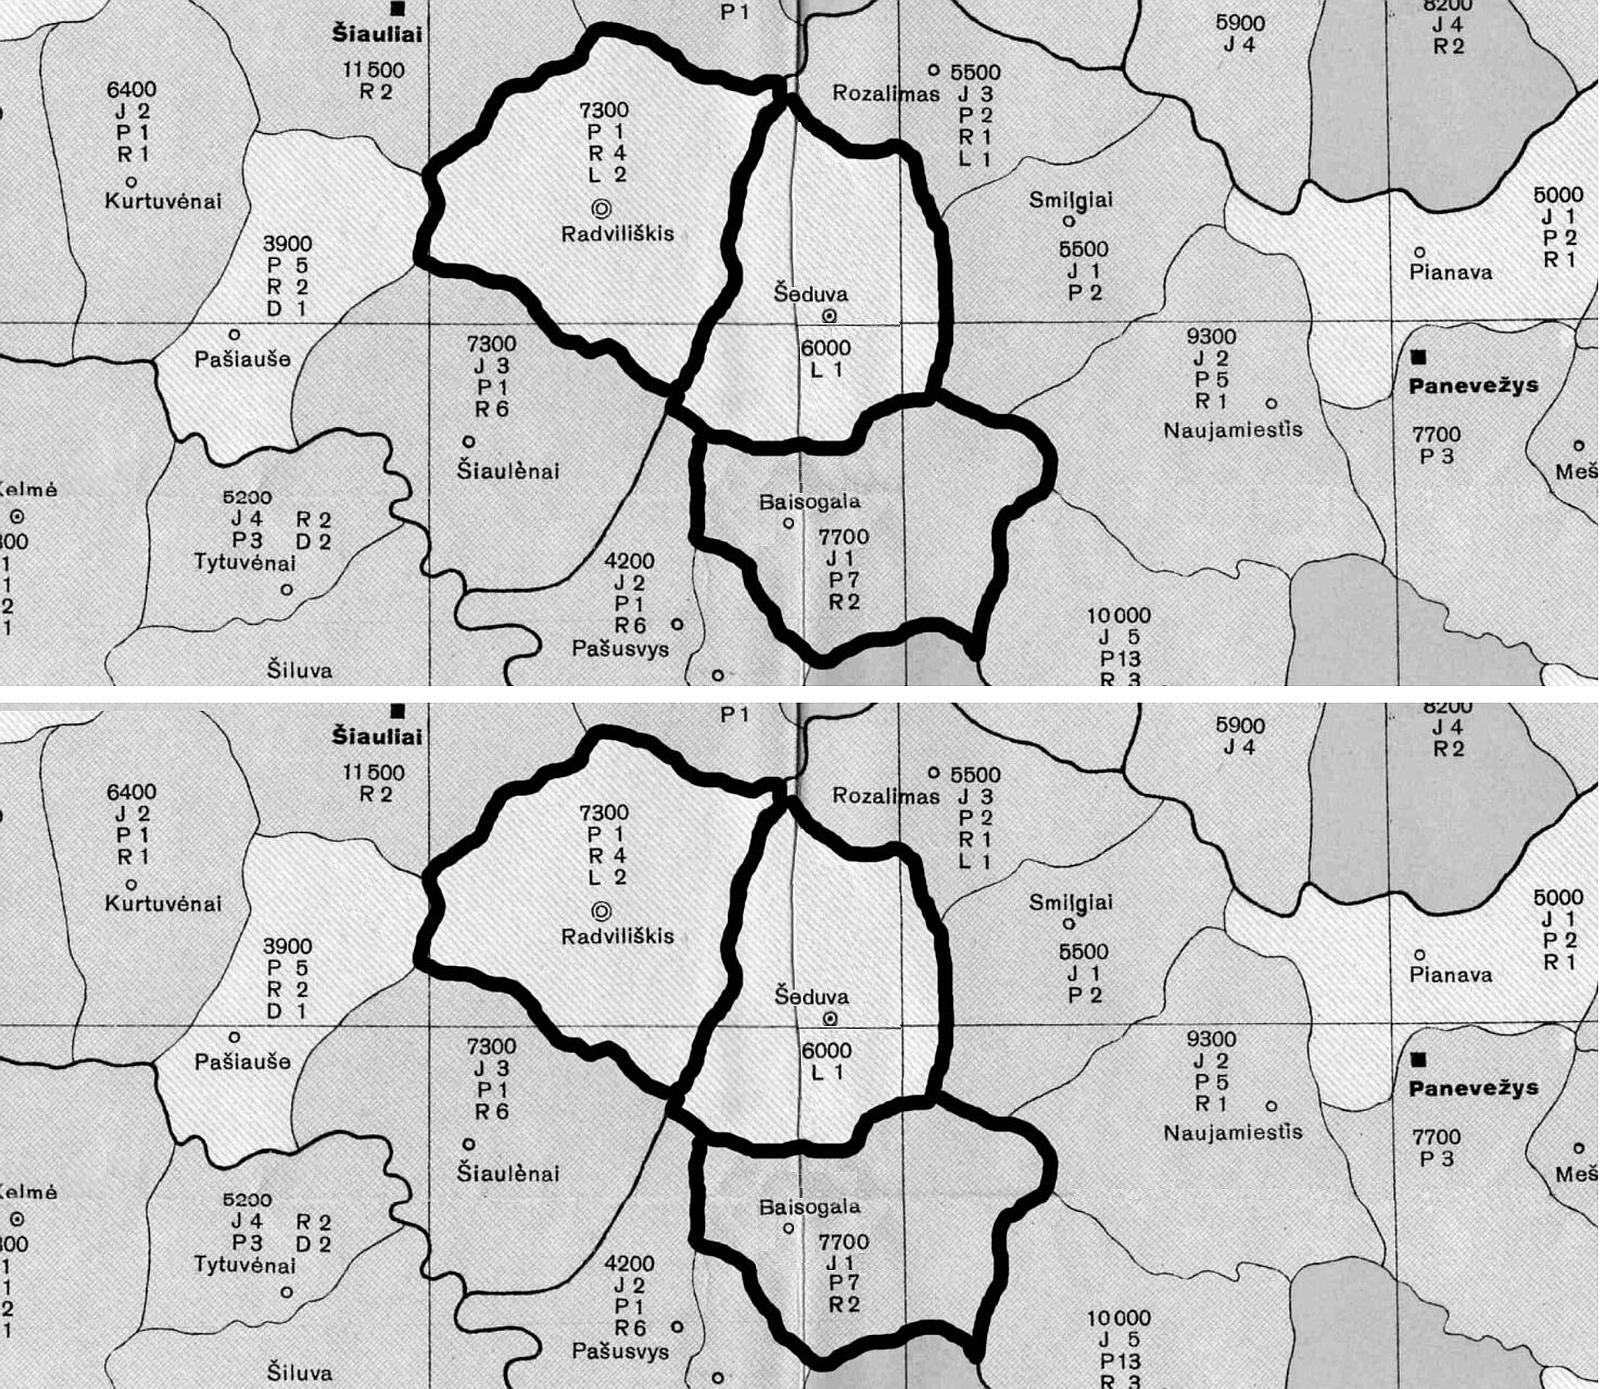 2 pav. Radviliškio, Šeduvos ir Baisogalos valsčiai